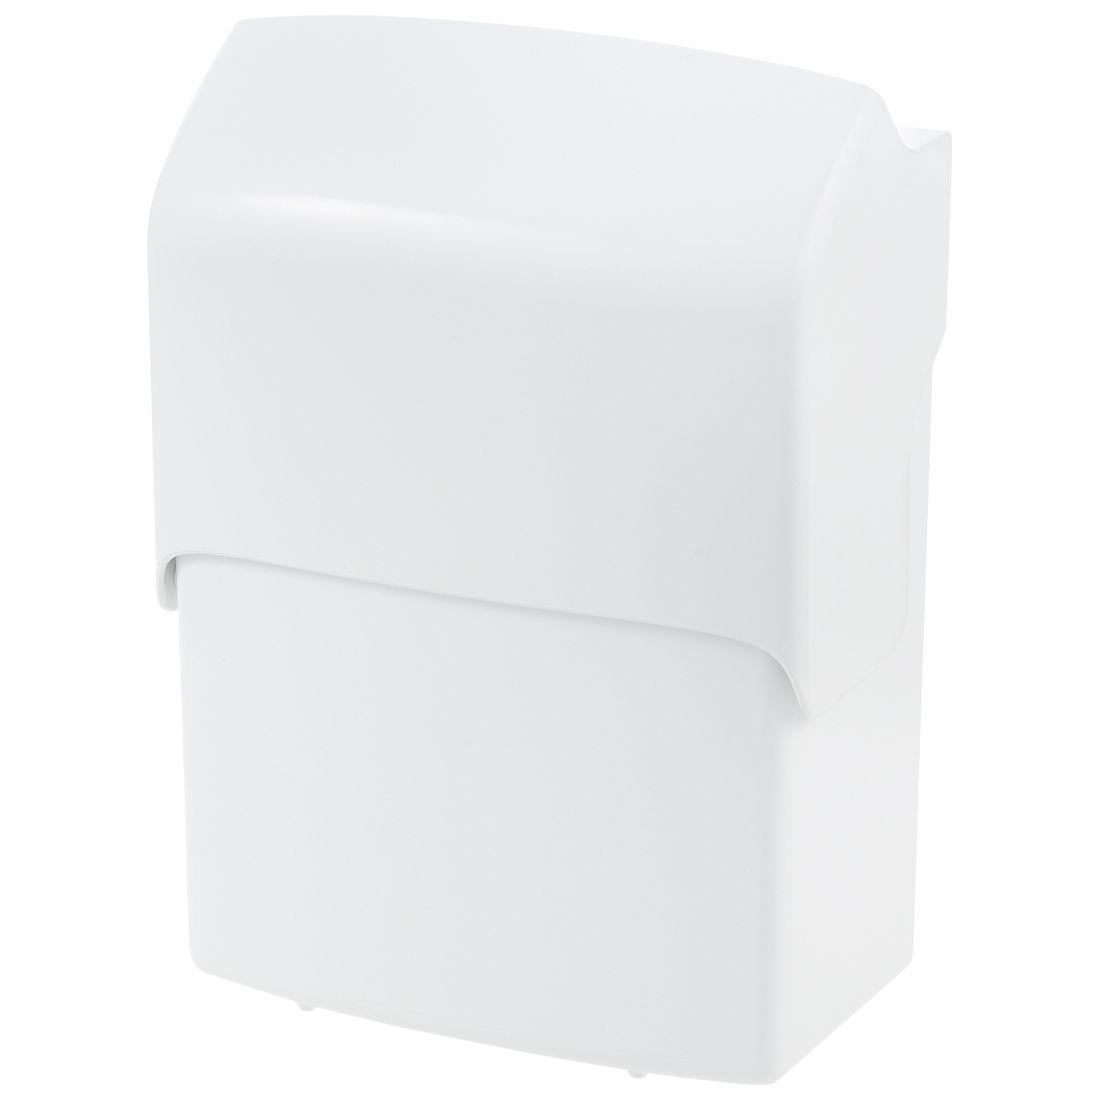 リッチェル 壁かけサニタリーボックス ホワイト 44005 18個